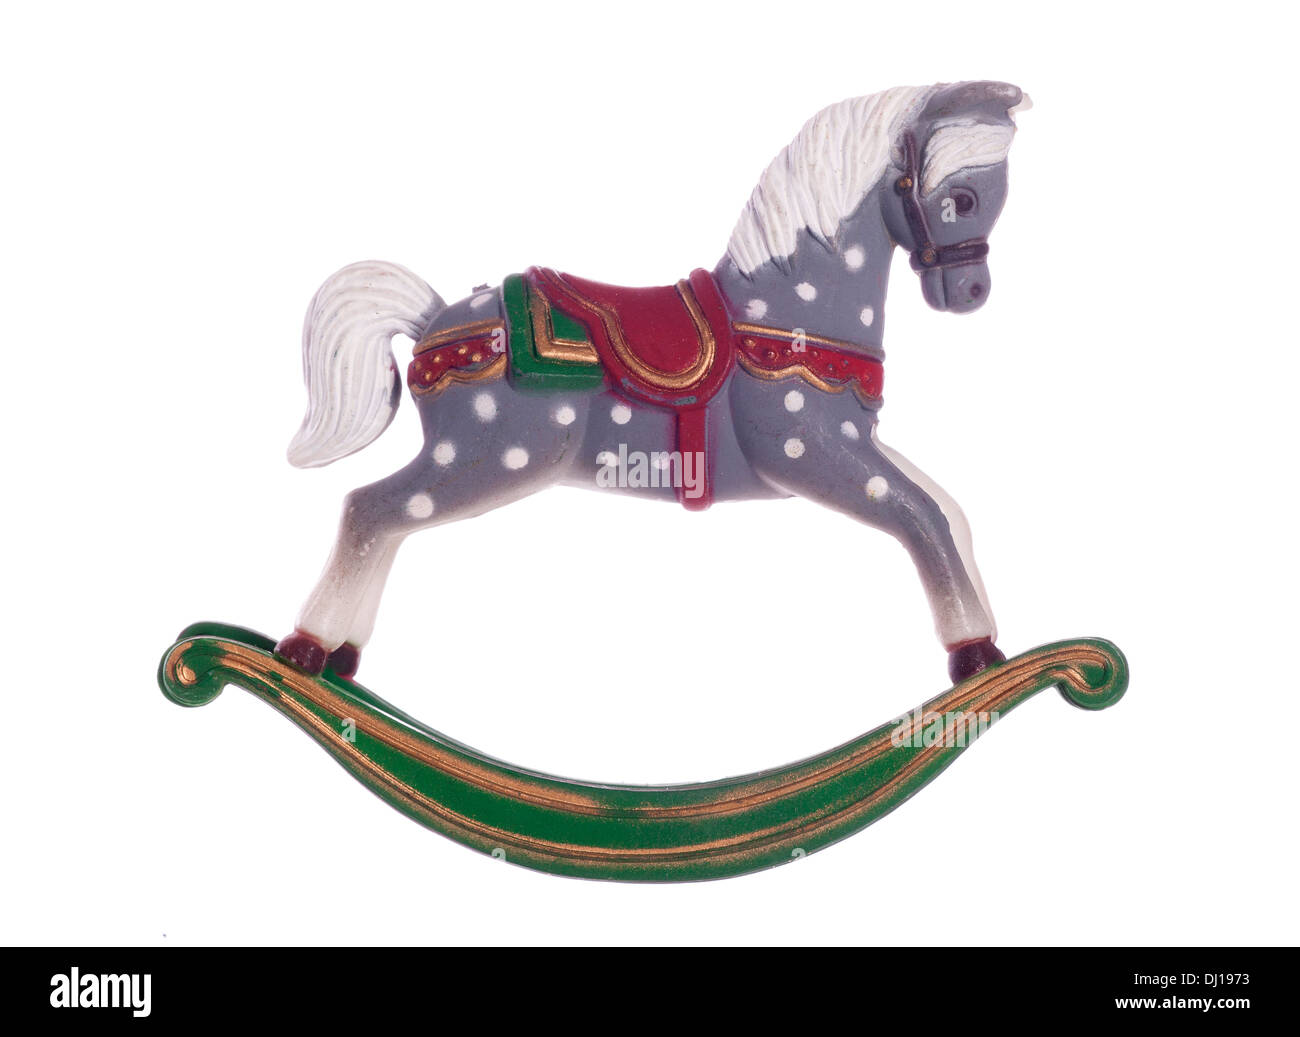 Vintage Schaukelpferd Weihnachten Dekoration Ausschnitt Stockfoto ...